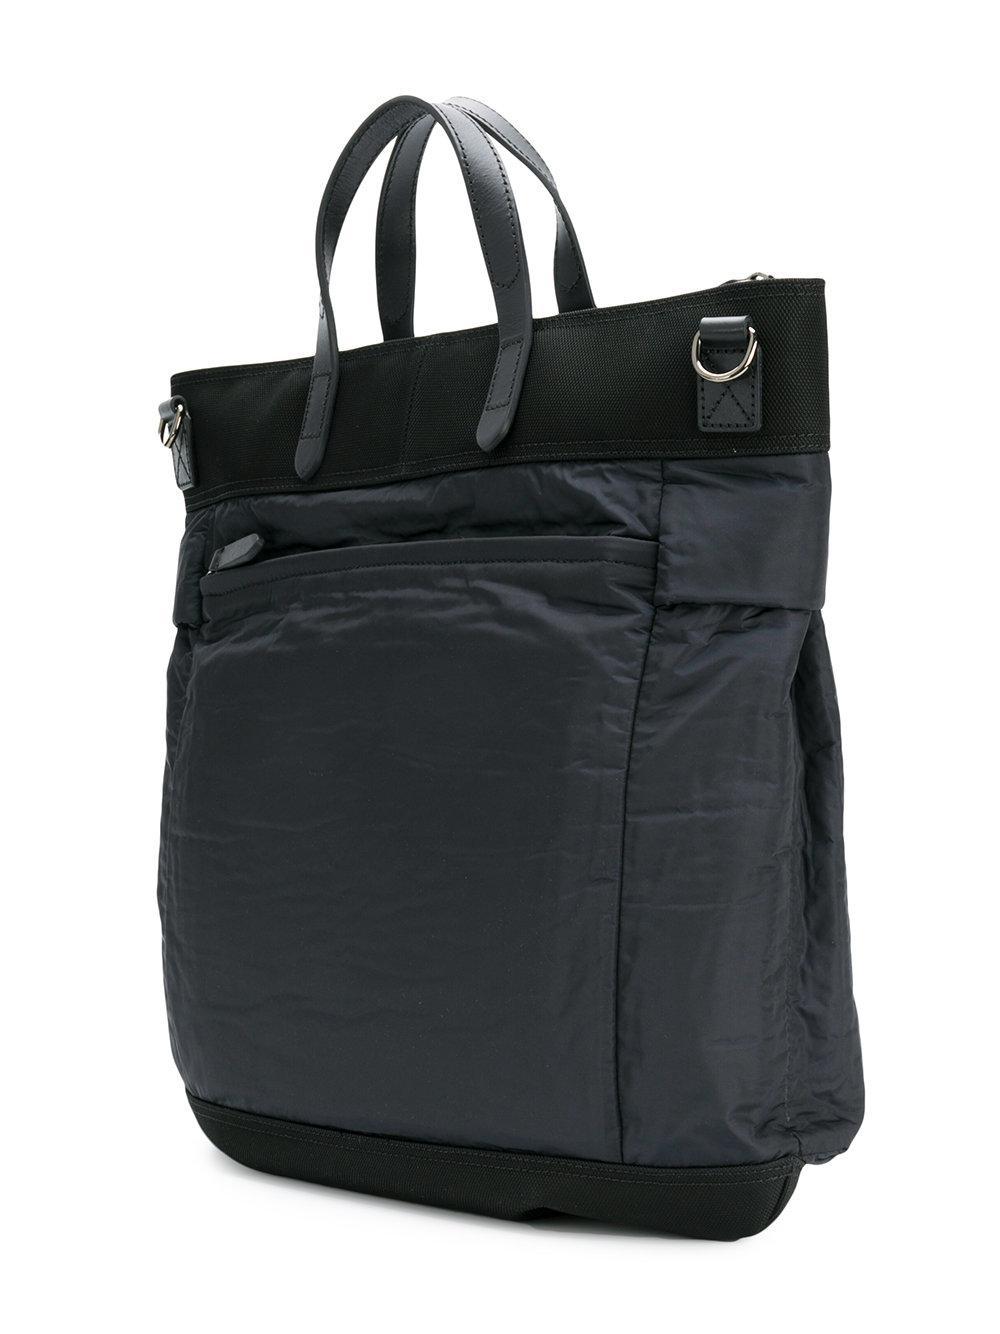 Per Tote Bag